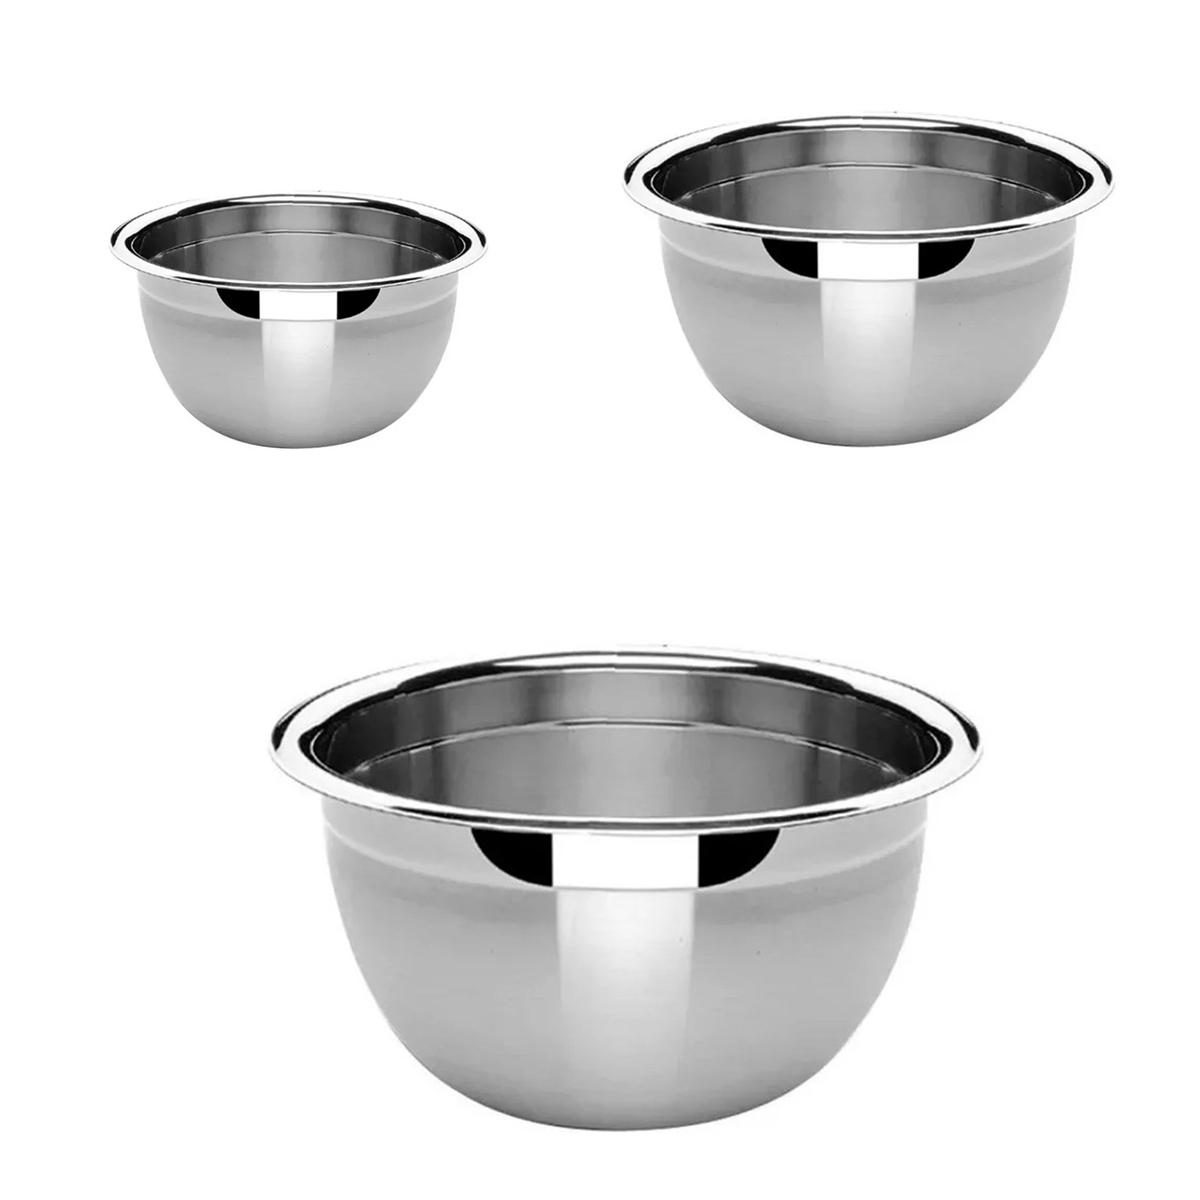 3 Tigelas Bowl Inox 16, 22 e 28Cm Pratica e Durável Facilite.ud